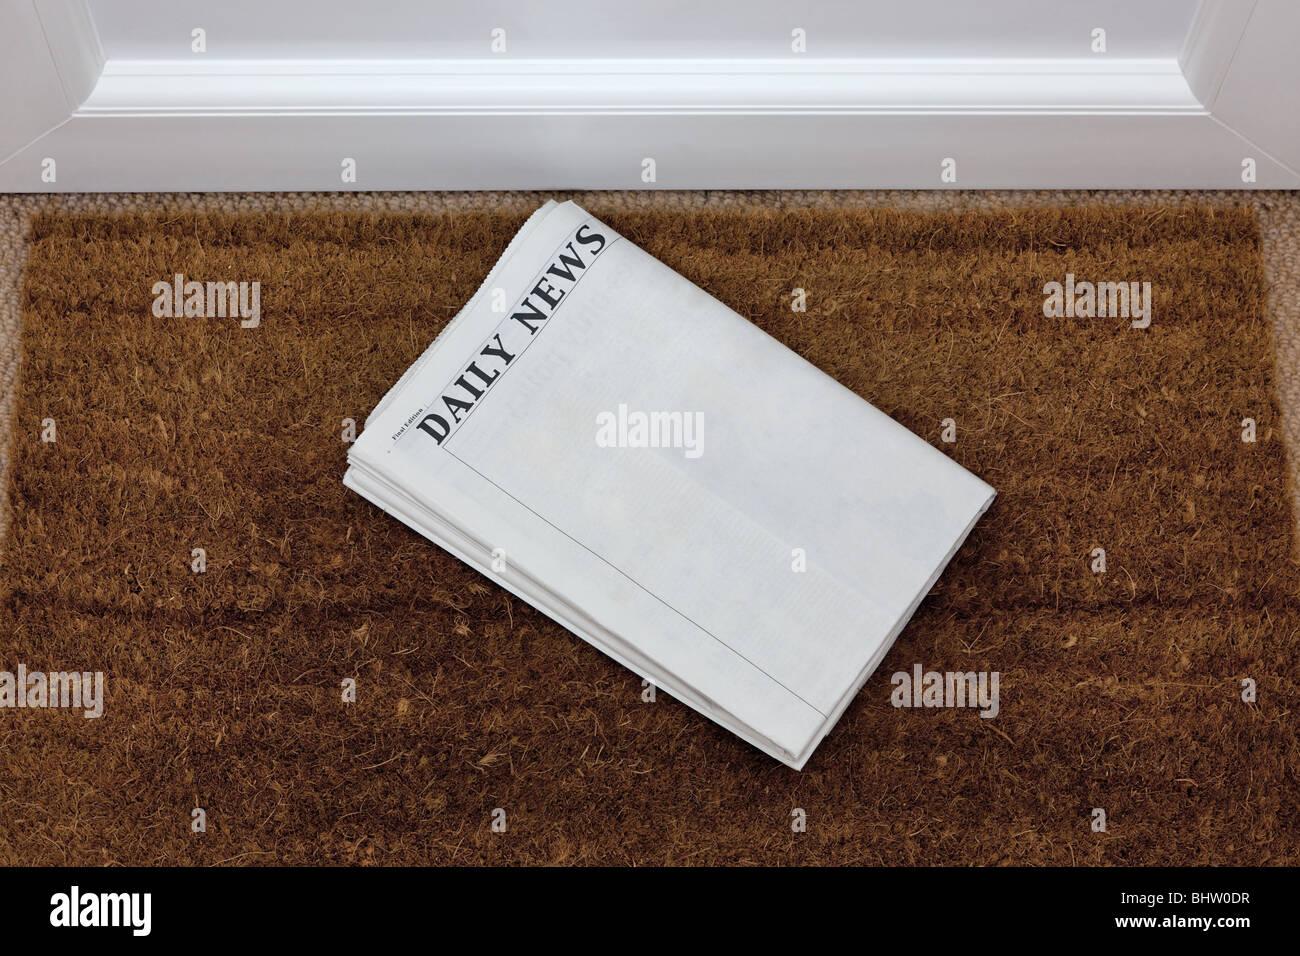 Zeitung auf eine Fußmatte, leer, um Ihren eigenen Text hinzufügen. Generischen Titel von mir hinzugefügt. Stockbild